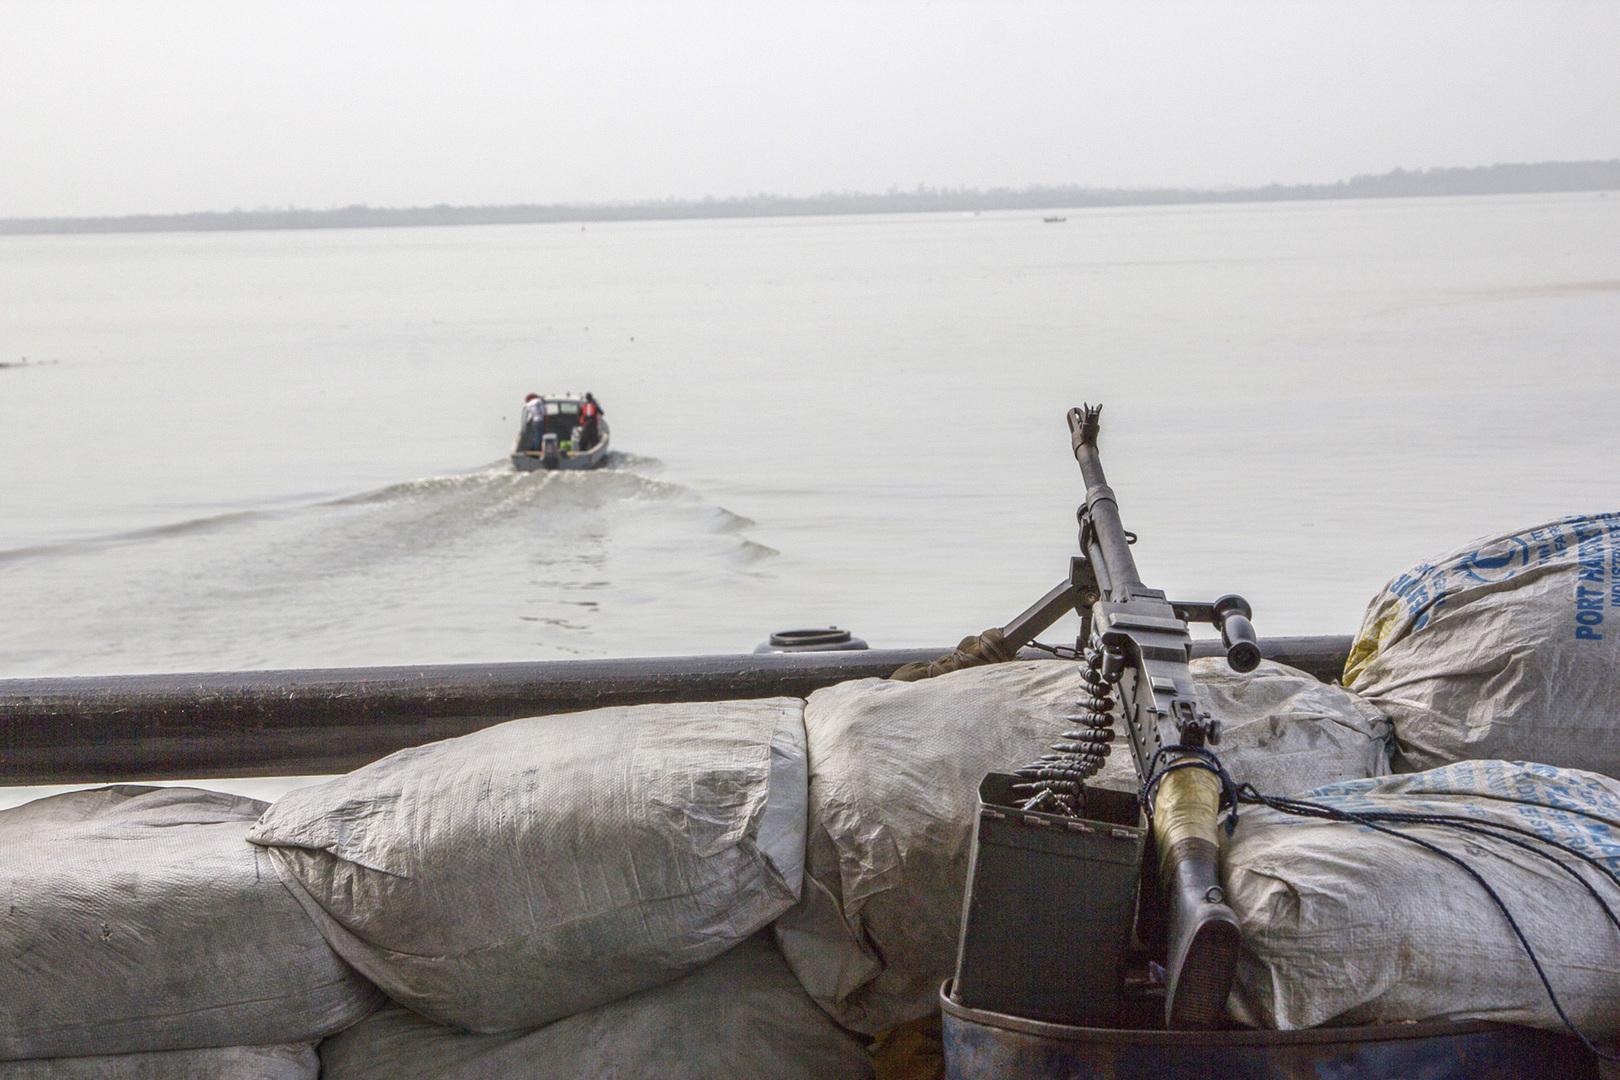 اختطاف طاقم ناقلة بعملية قرصنة غير مسبوقة في خليج غينيا